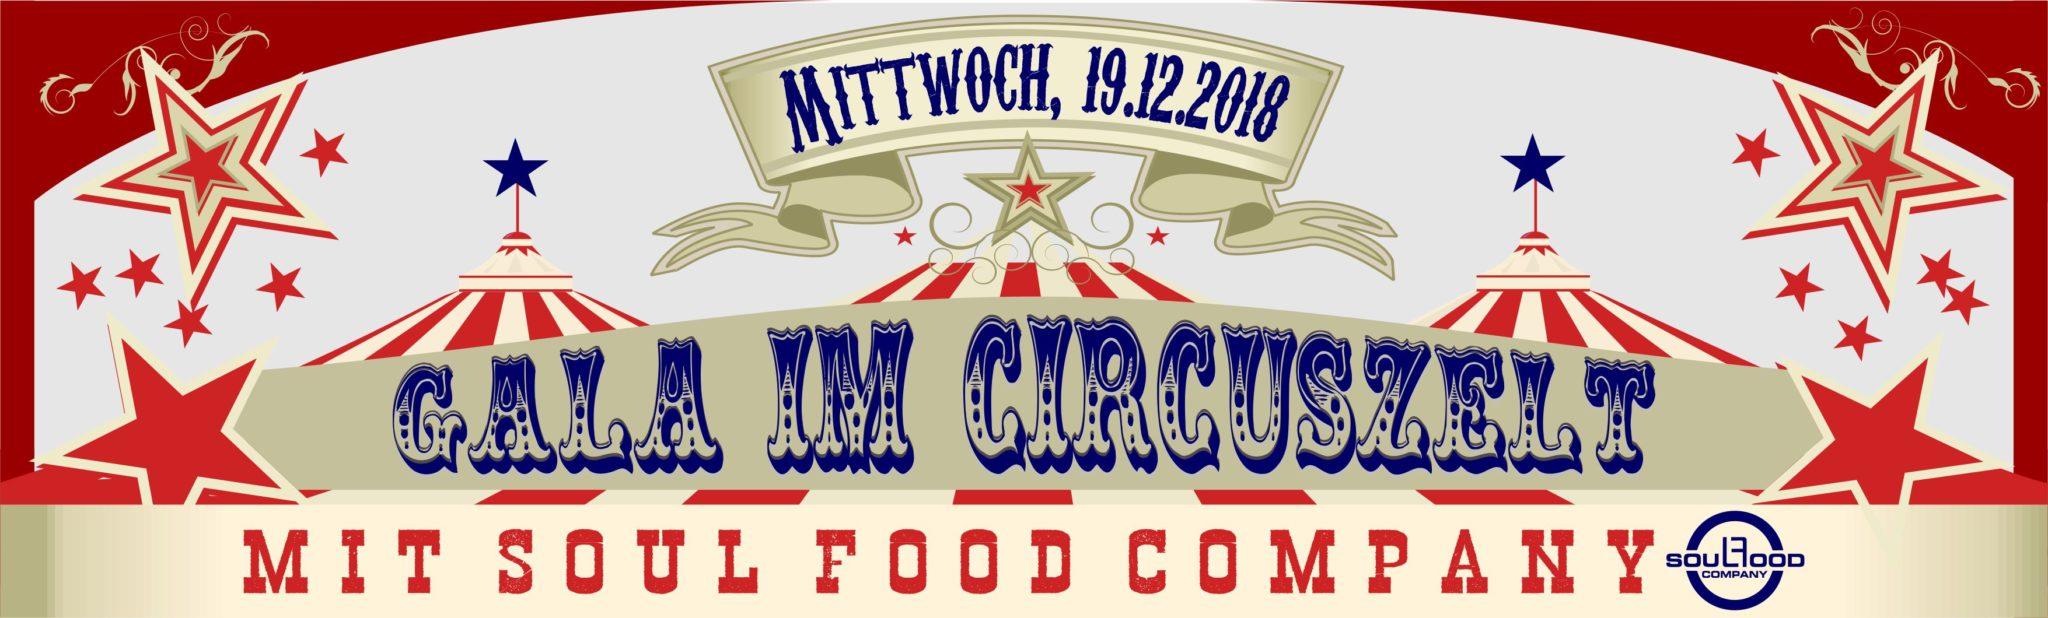 Weihnachtsfeier Zirkus.Manege Frei Die Circus Gala Mit Der Soul Food Company Remscheid